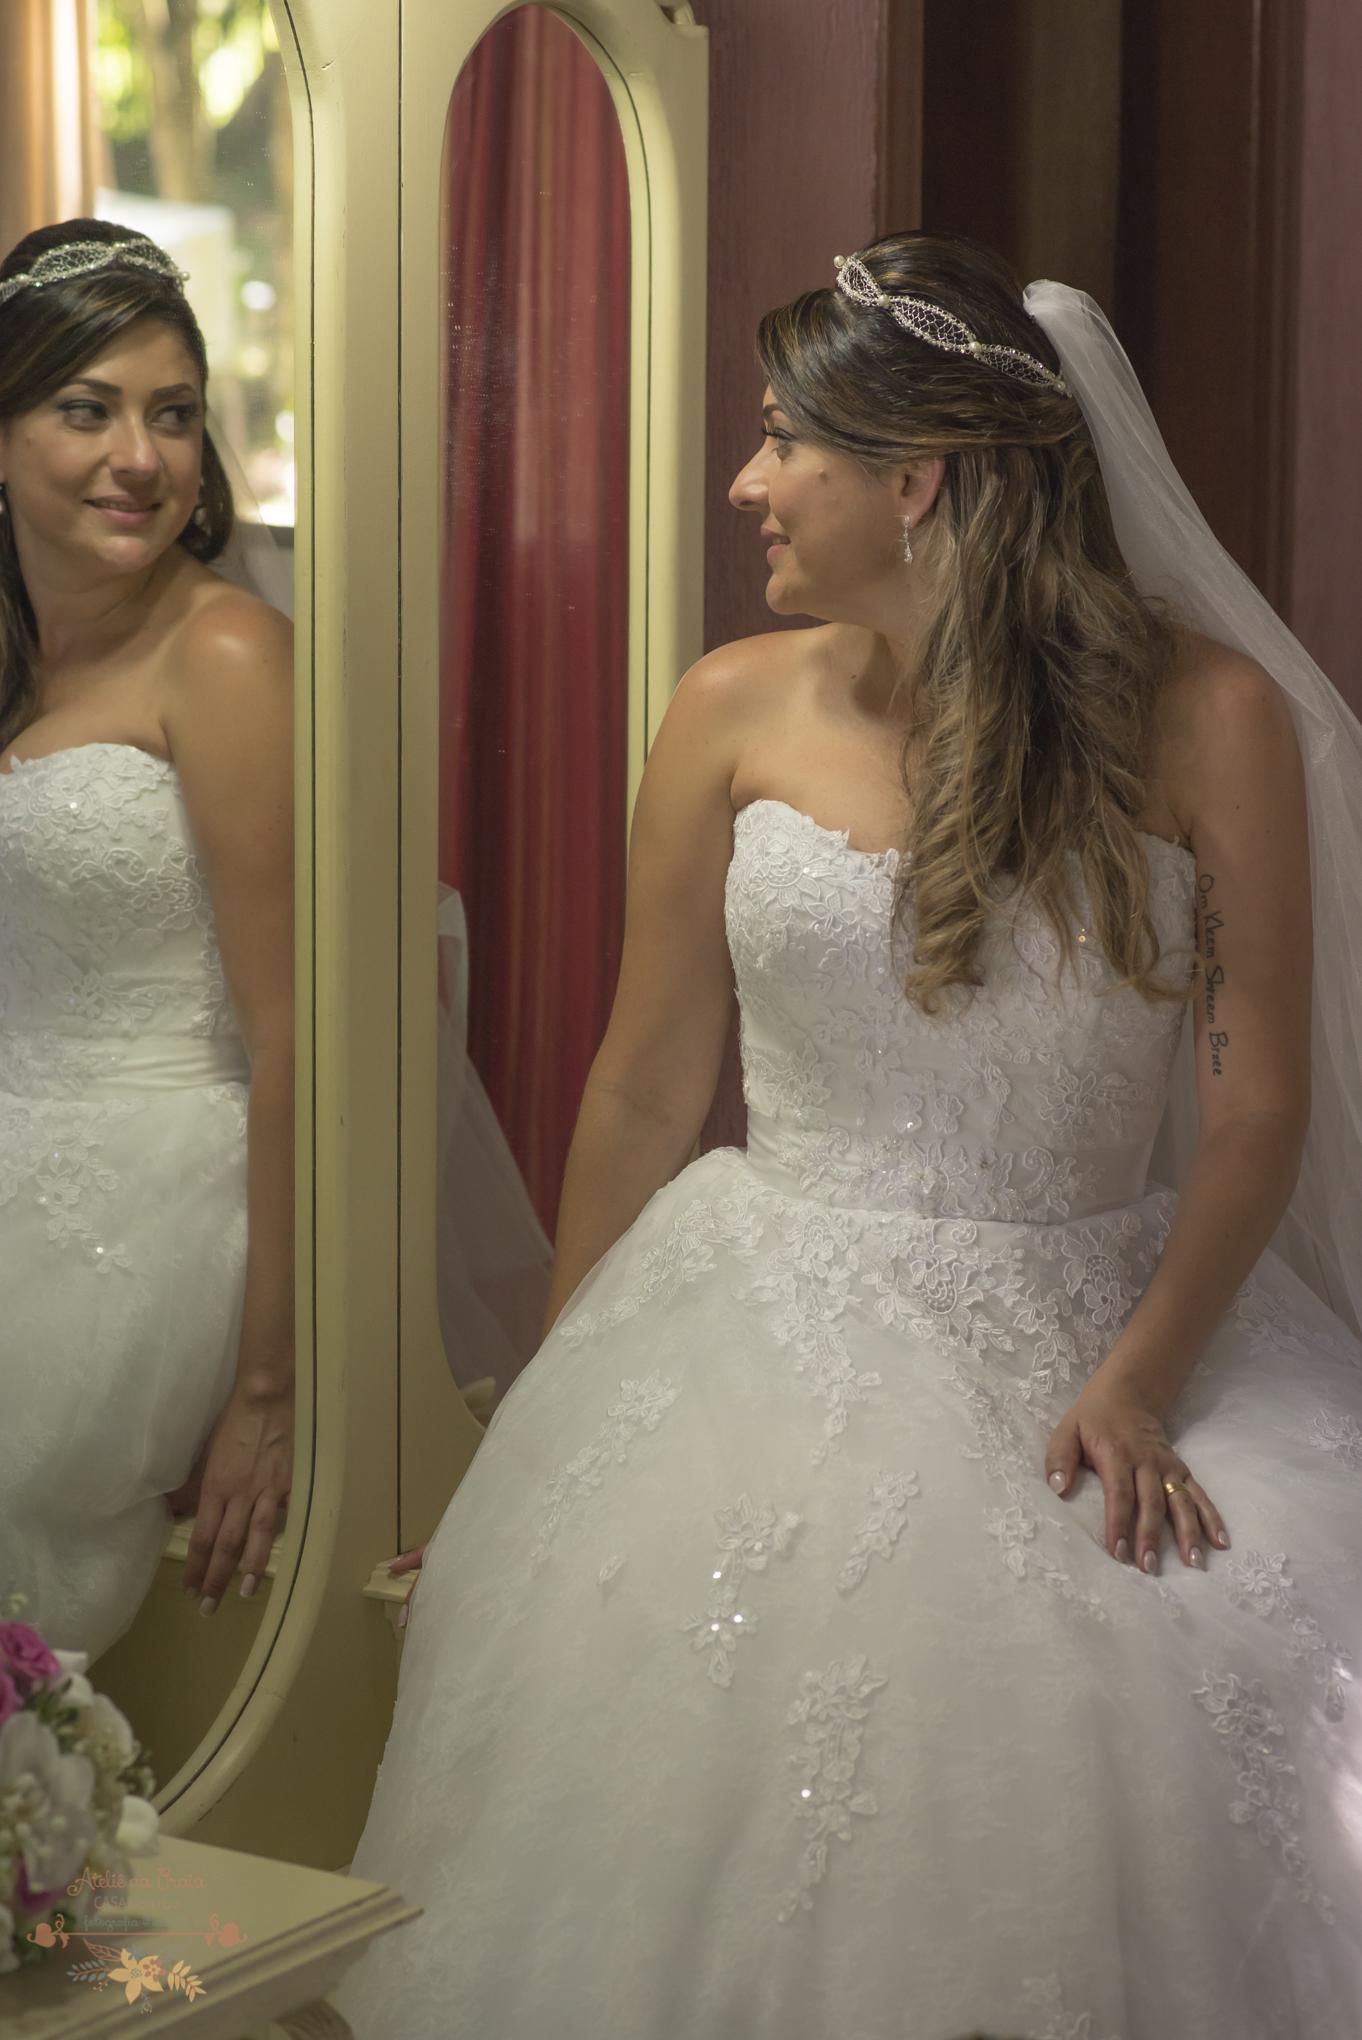 05-Atelie-na-Praia-Casamento-Yasmine-Anderson-1179